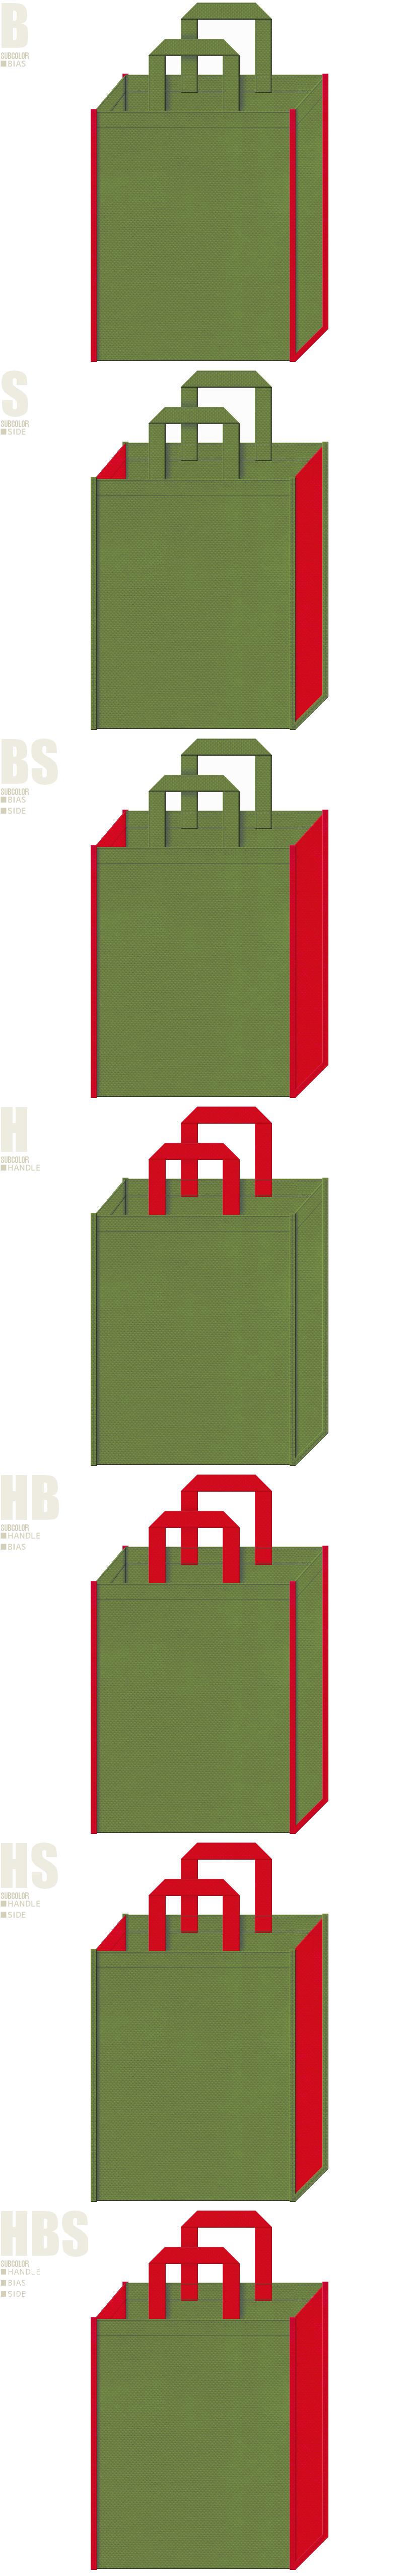 お城イベント・五月人形・鎧・兜・野点傘・番傘・茶会・琴・和風催事にお奨めの不織布バッグデザイン:草色と紅色の不織布バッグ配色7パターン。